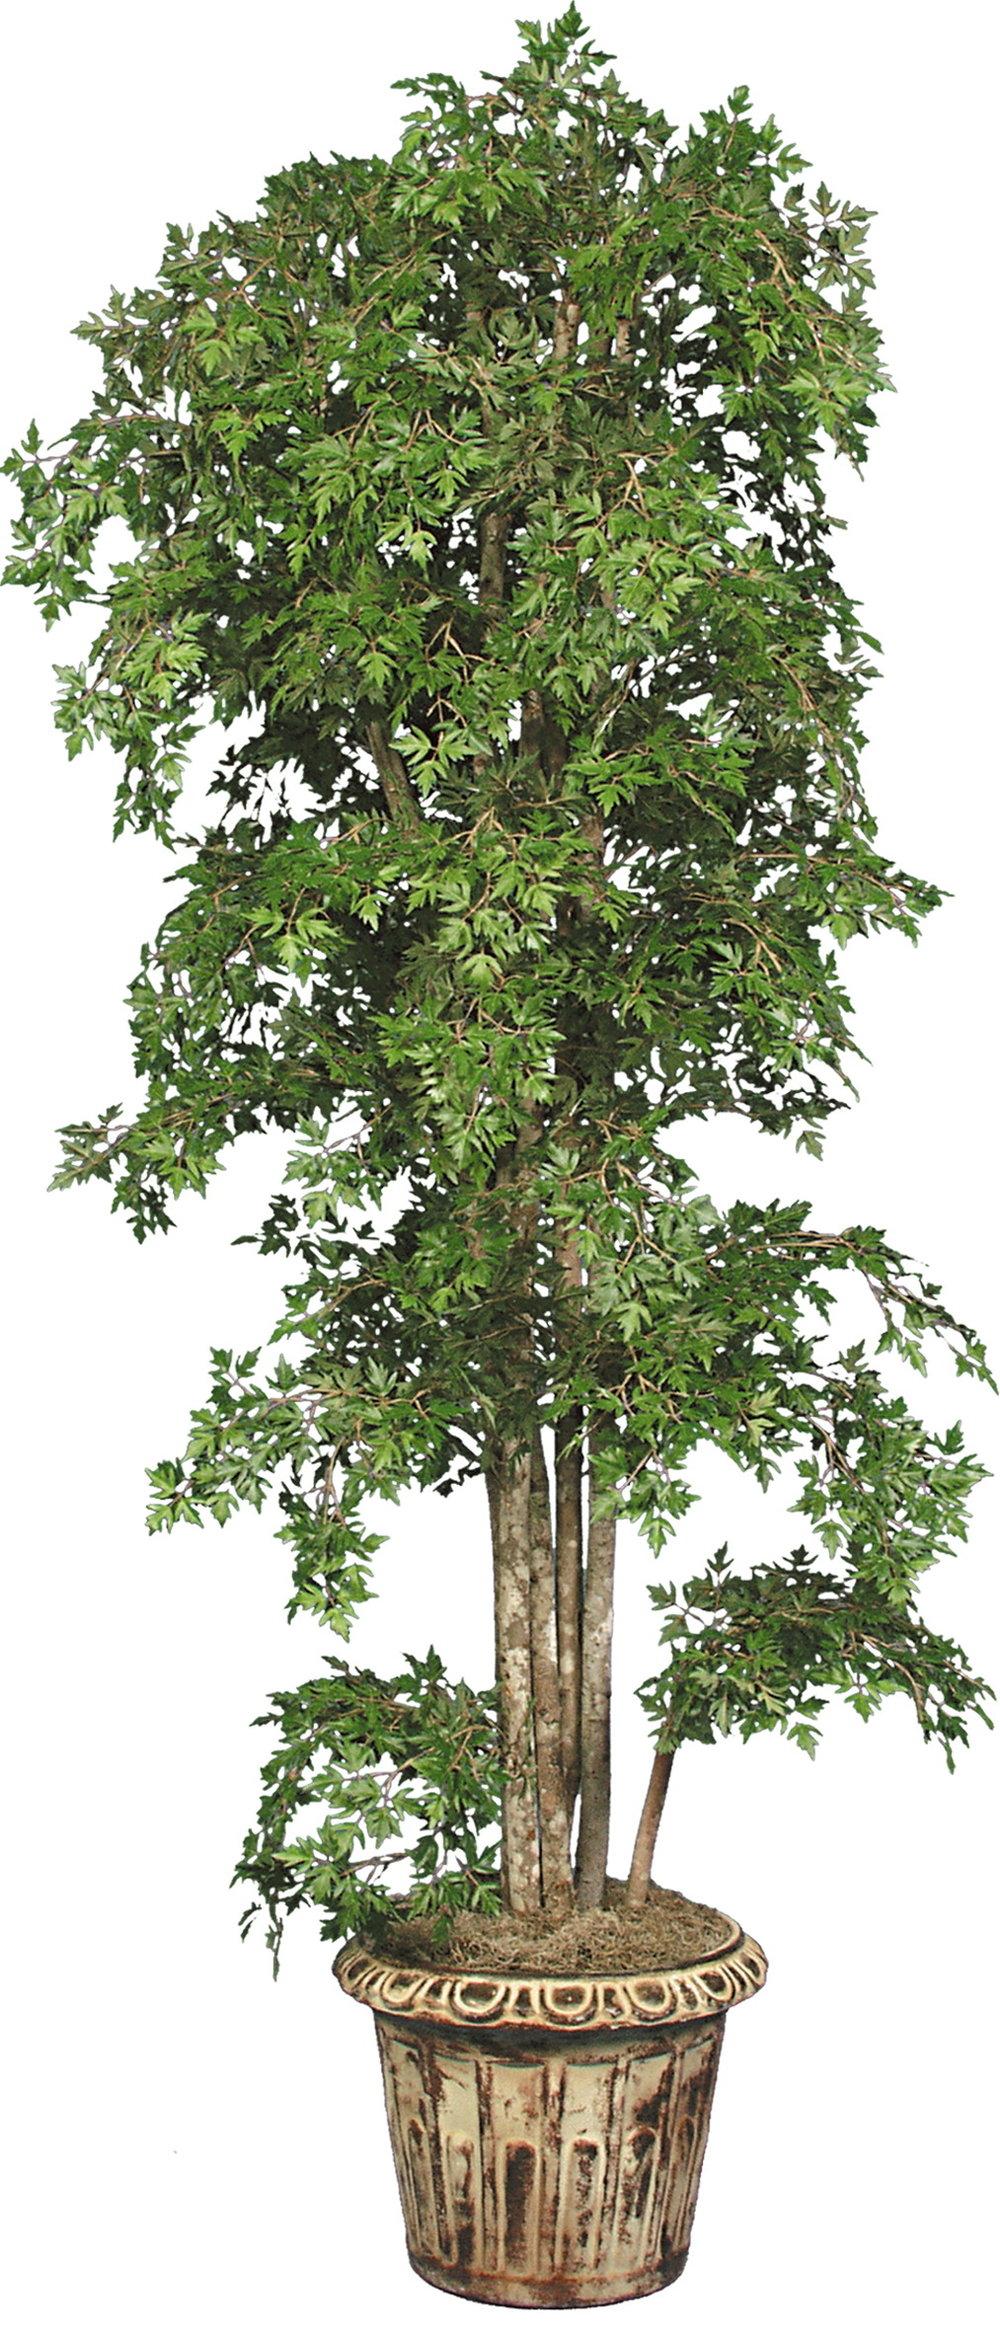 TPT 1368- Aralia Tree